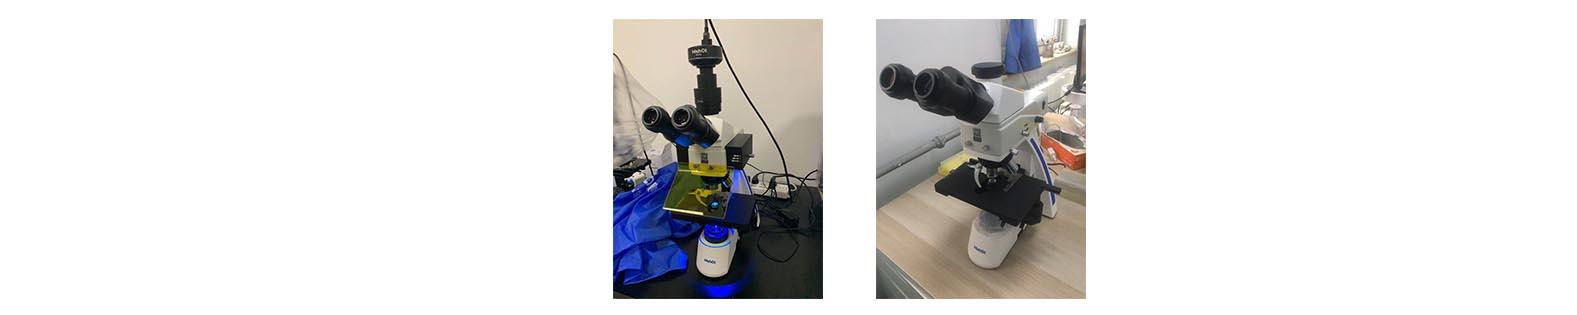 结核显微镜典型案例.jpg